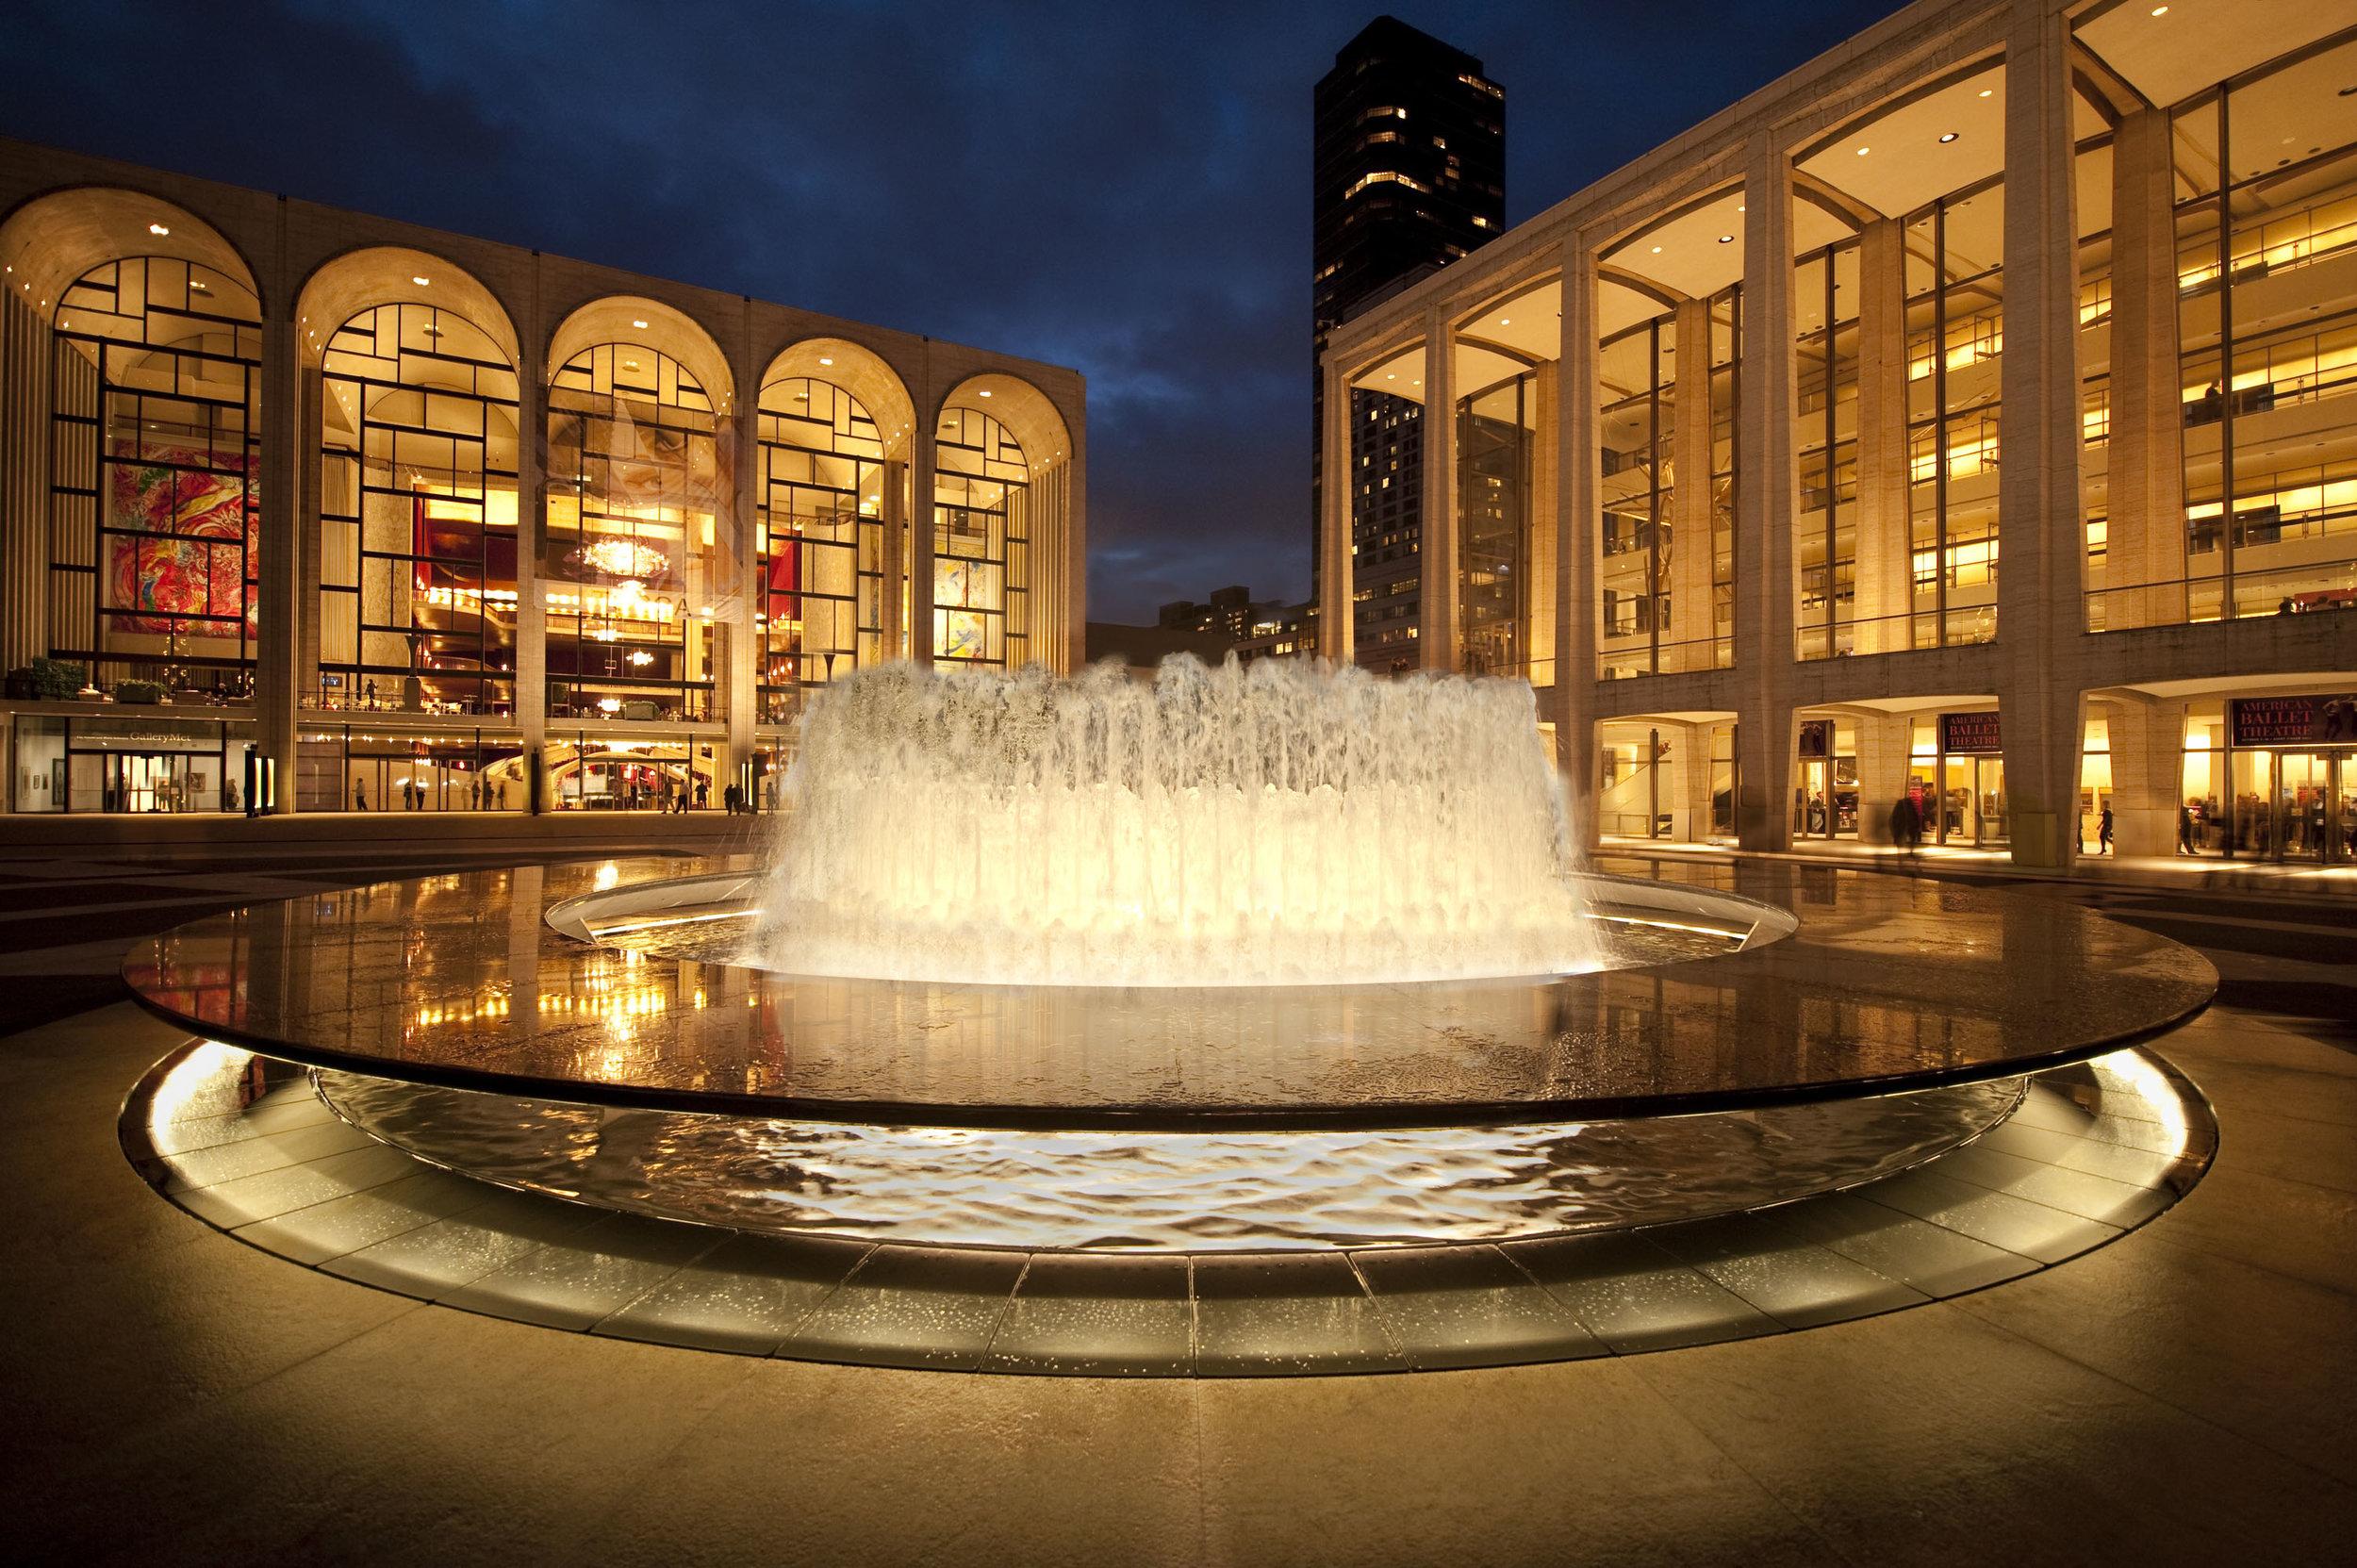 林肯中心,全世界最大的艺术会场之一